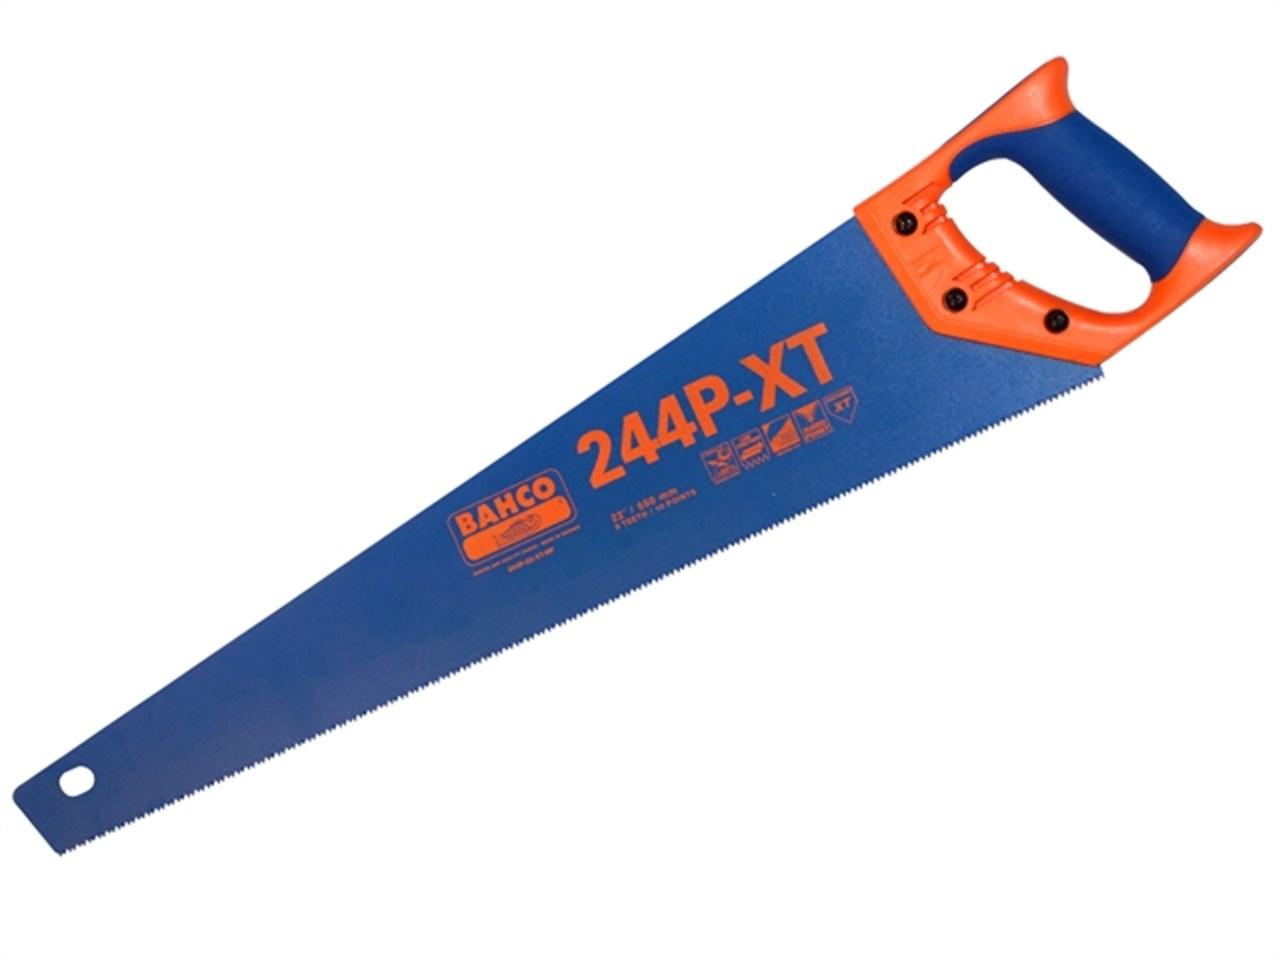 Bahco 244P-22-XT-HP